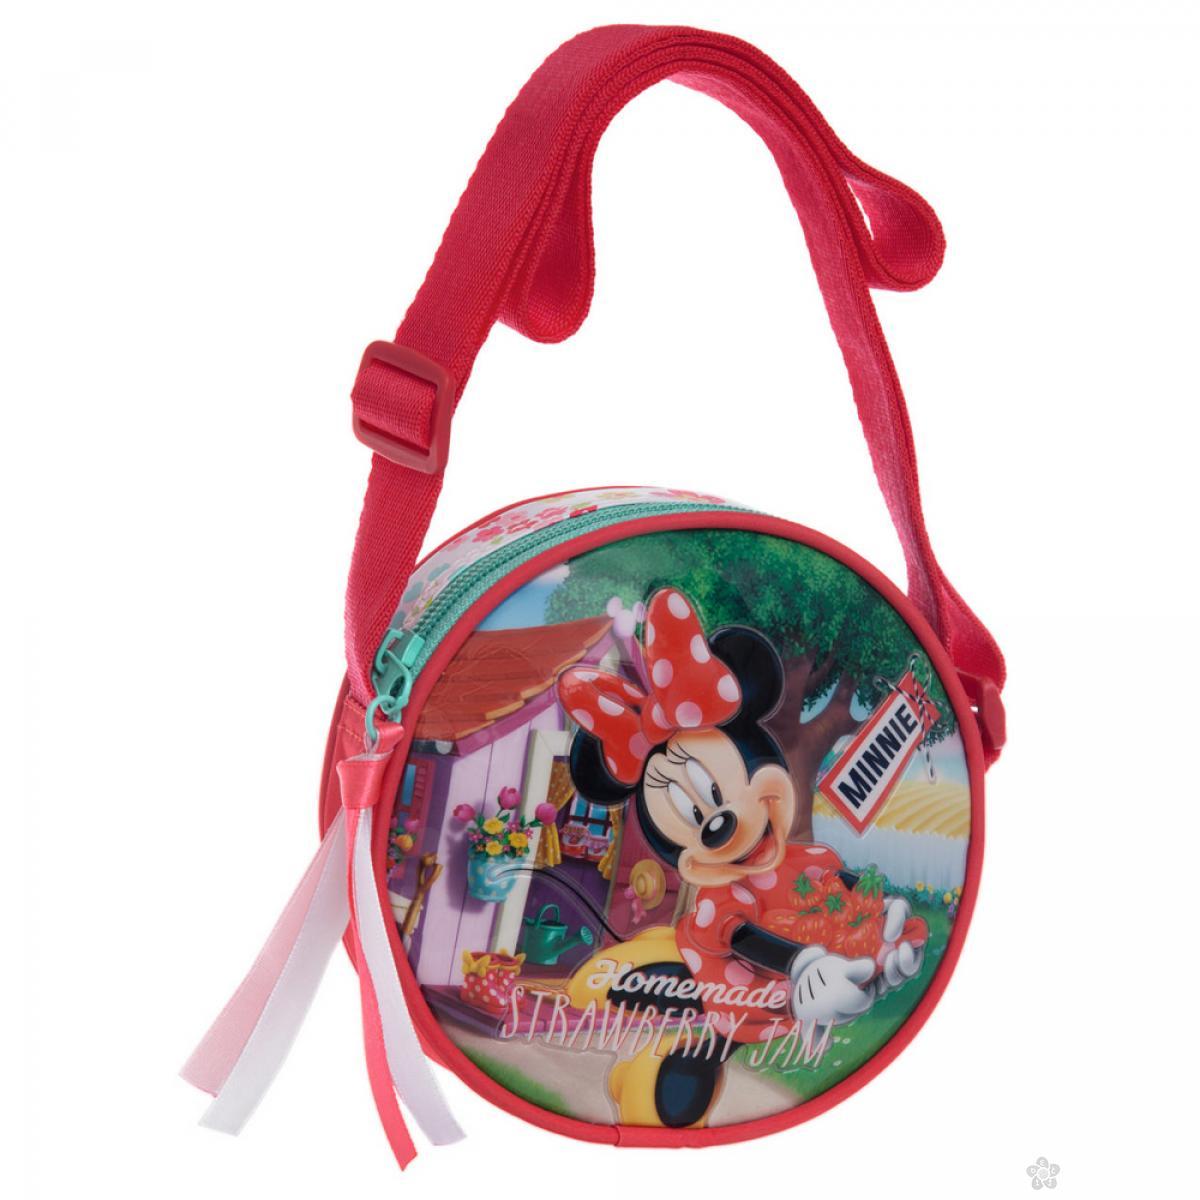 Okrugla torba na rame Minnie Mouse, 23.951.51